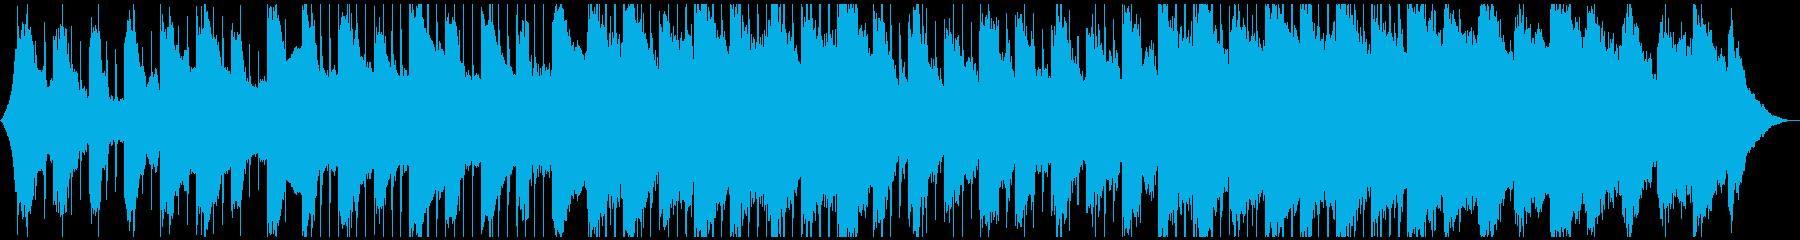 アンビエント 感情的 バラード フ...の再生済みの波形